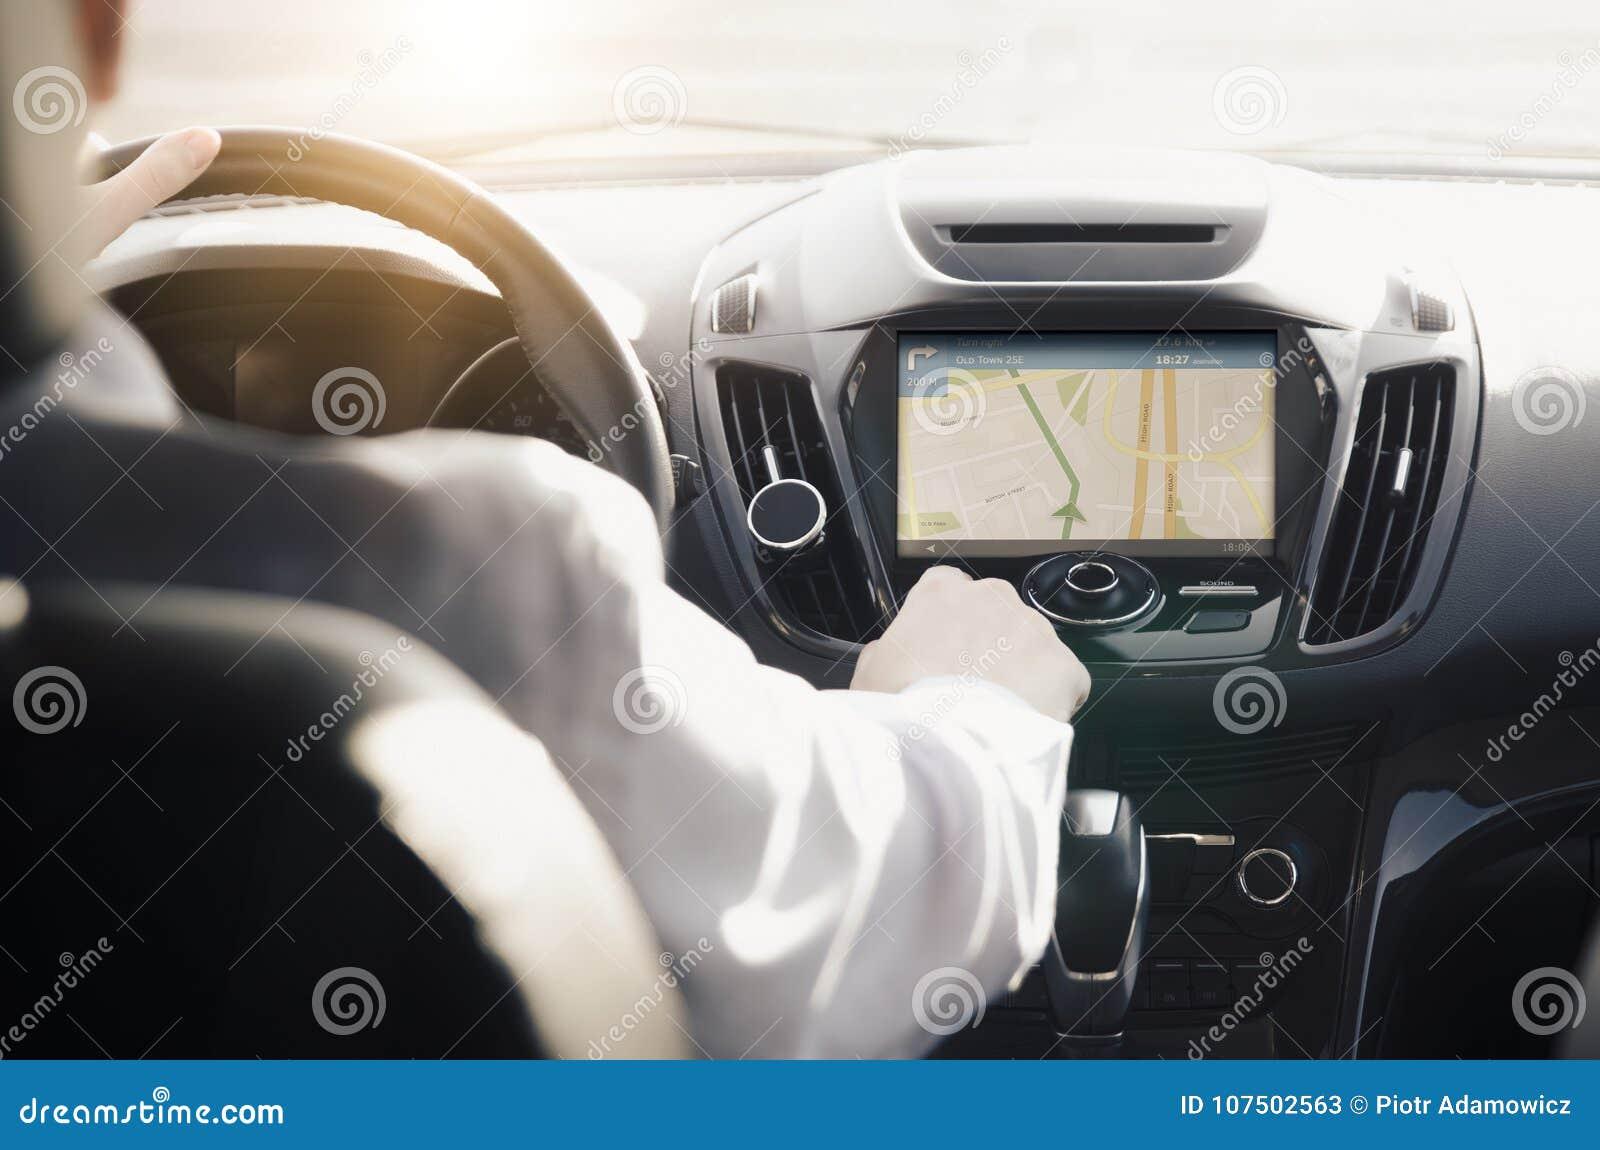 Πρόσωπο που οδηγεί ένα αυτοκίνητο με τη ναυσιπλοΐα ΠΣΤ